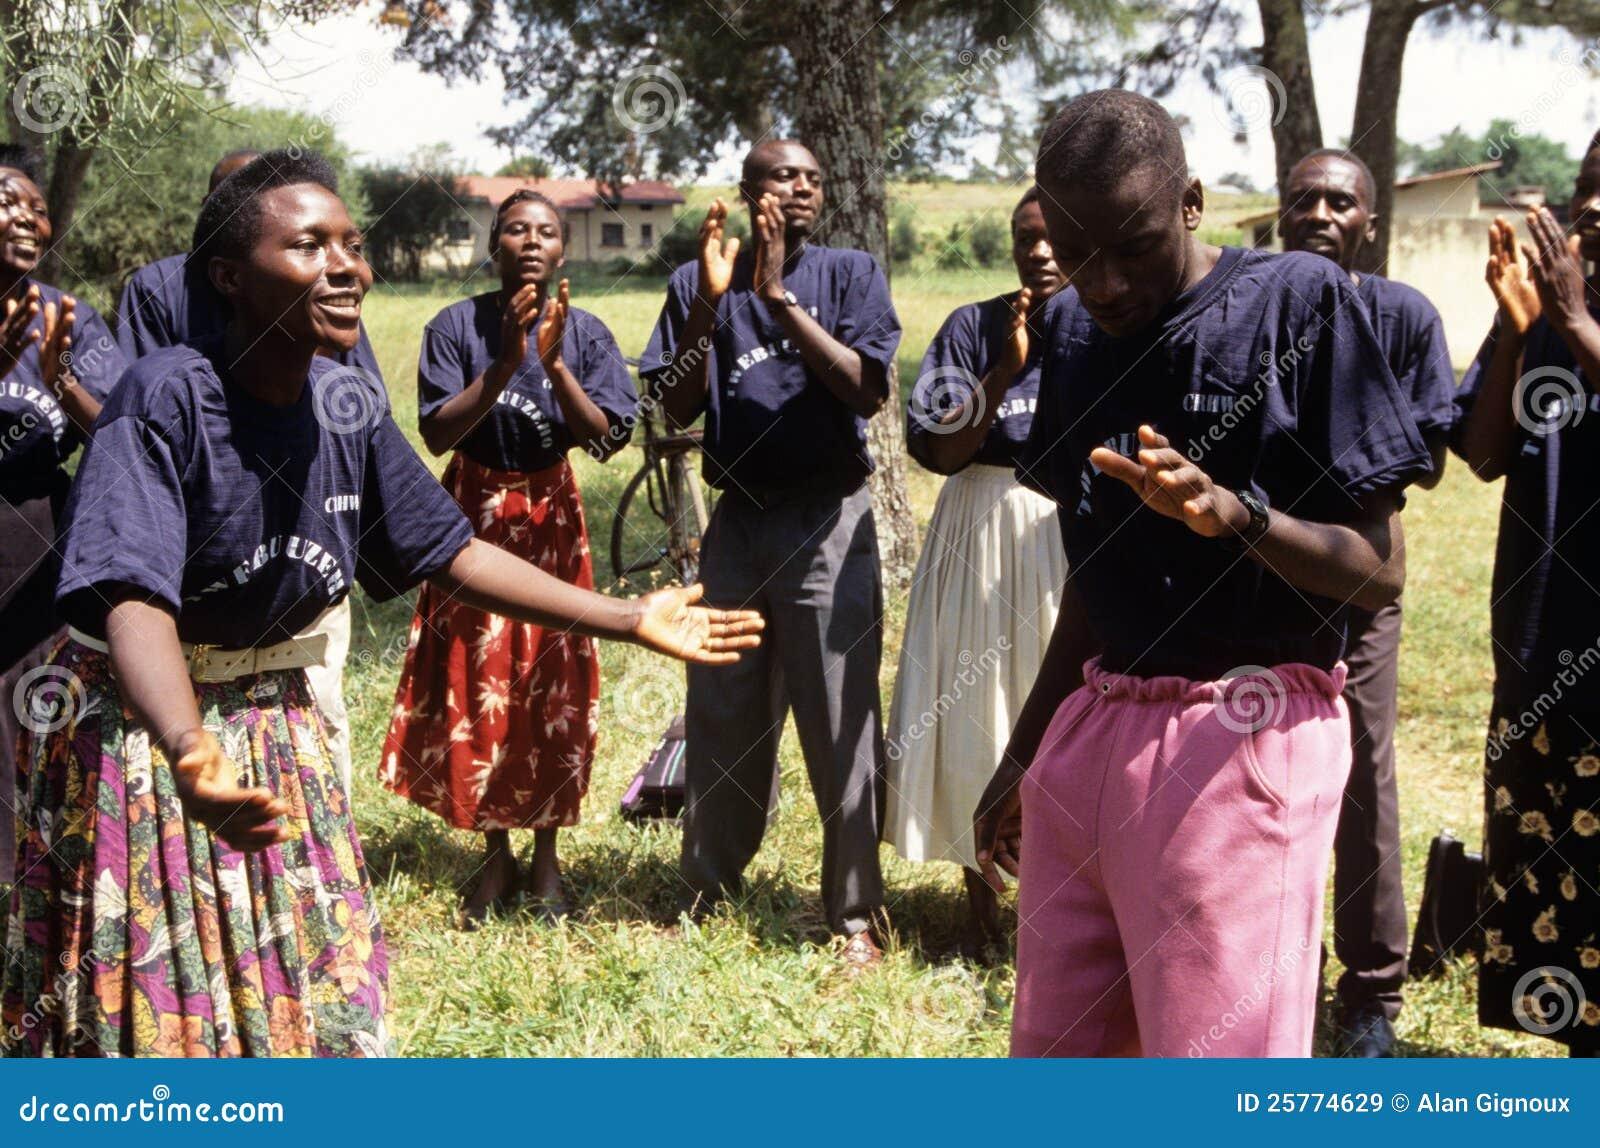 Members of Community Reproductive Health Workers, Uganda